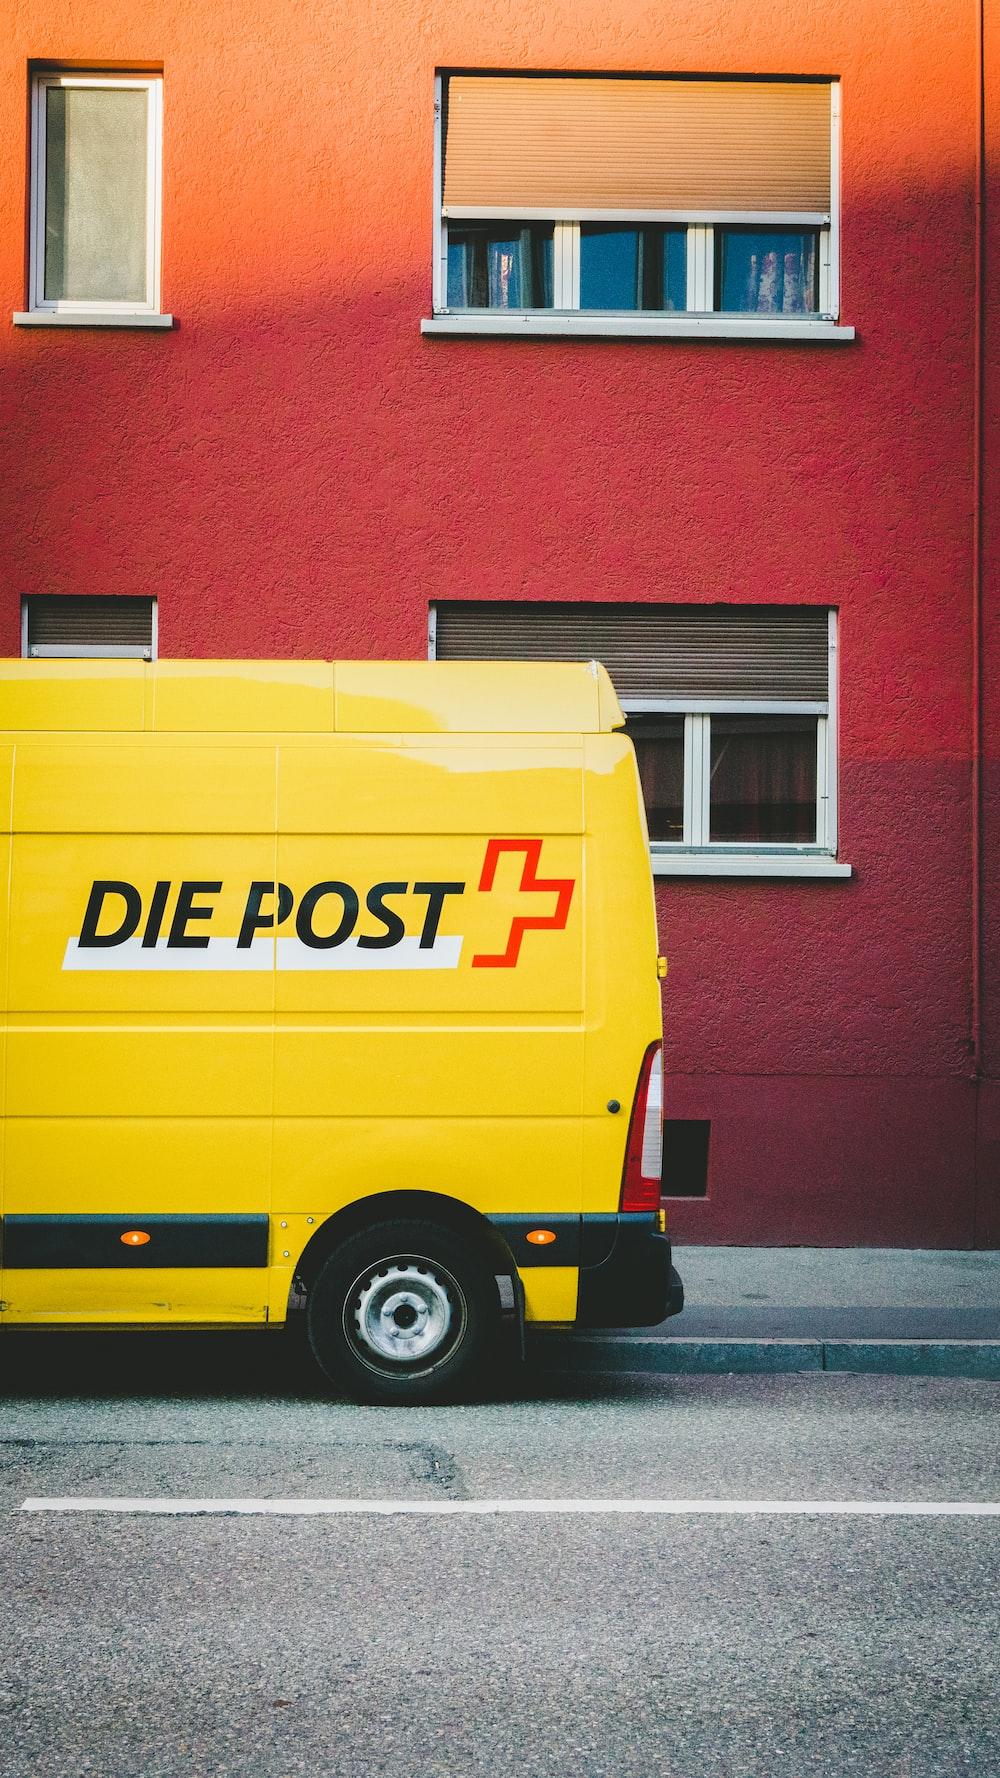 yellow Die Post+ van park beside road